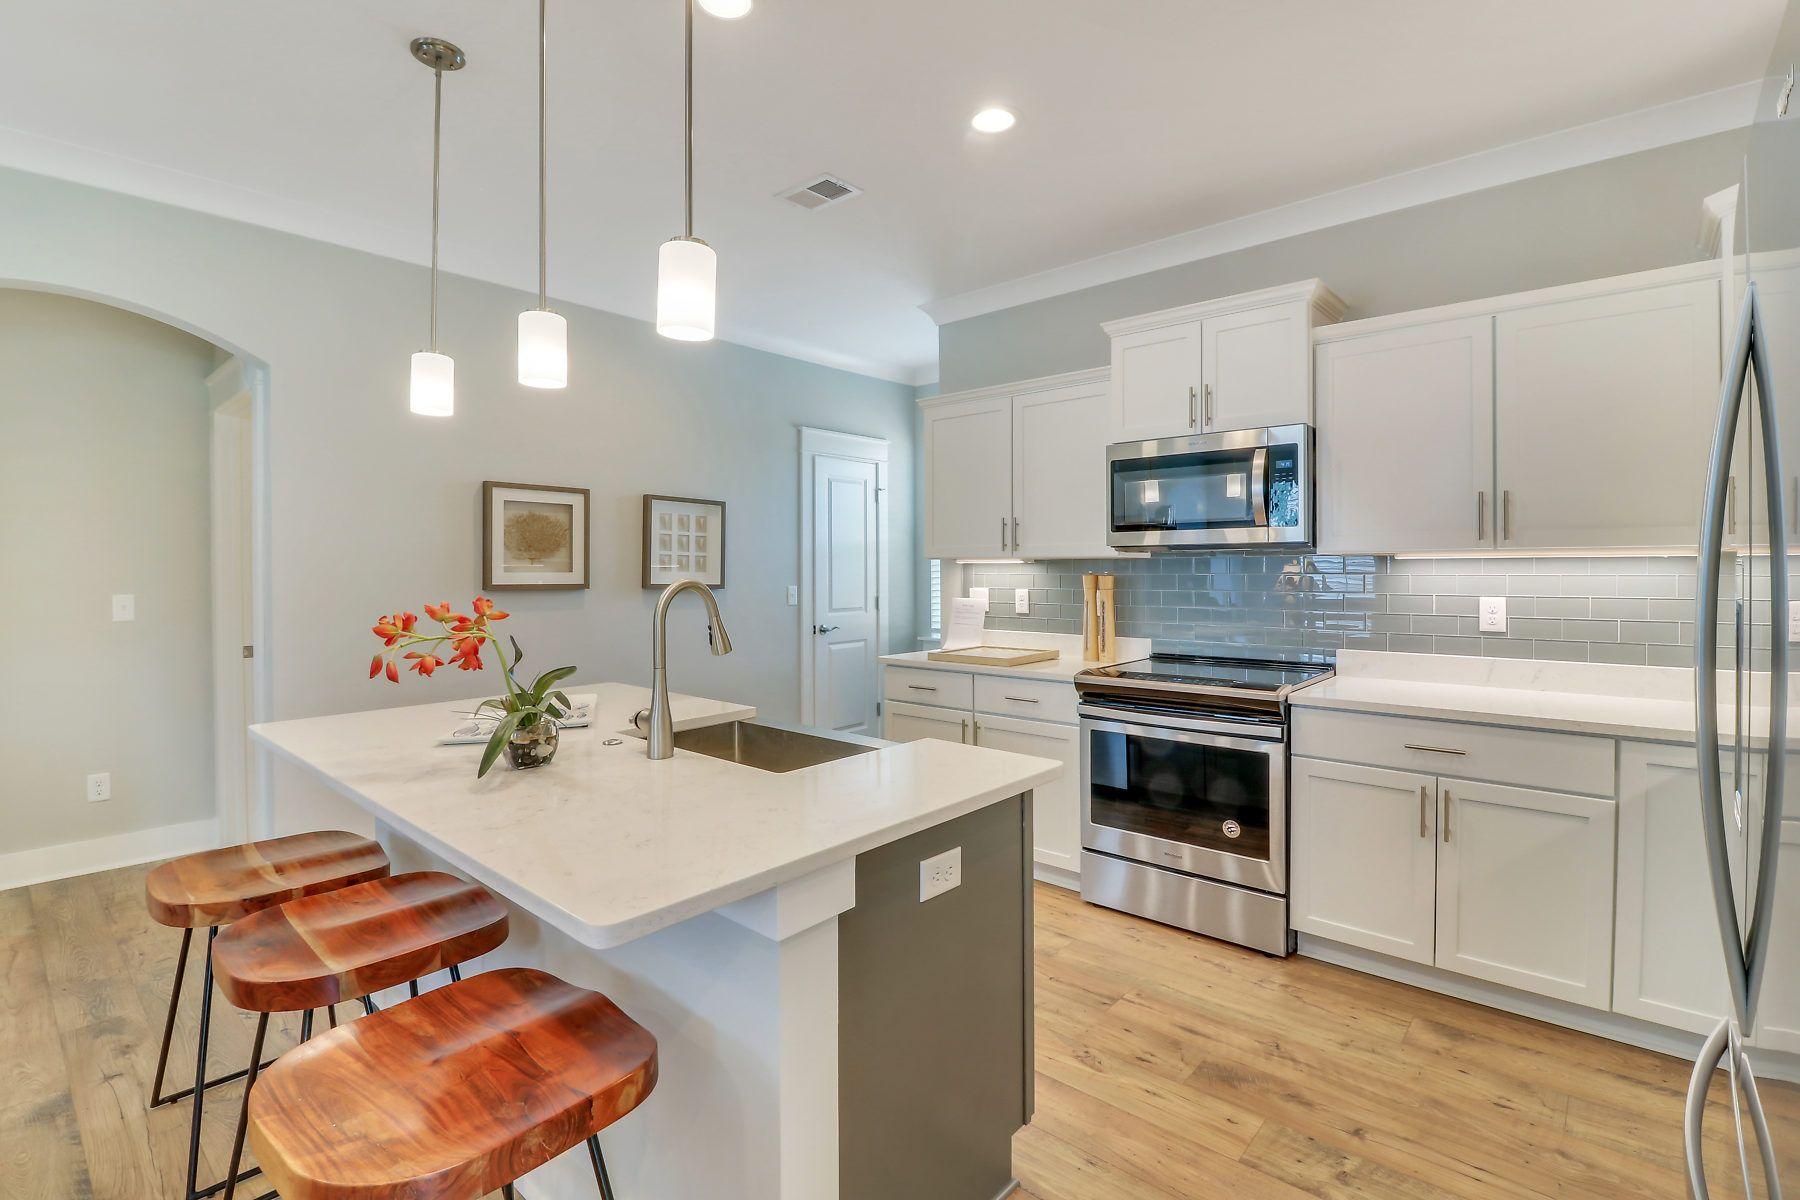 The Jasper Kitchen:The Jasper Kitchen